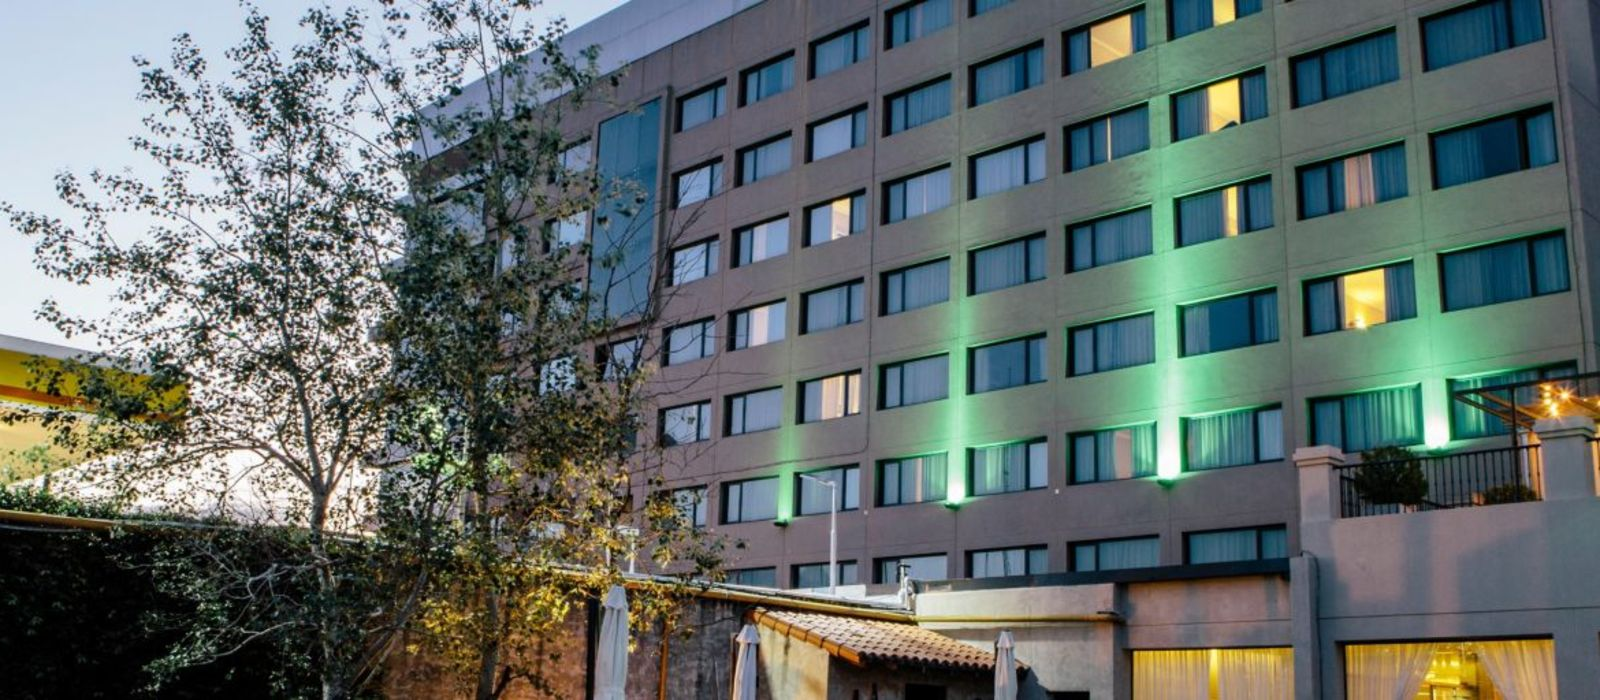 Hotel Holiday Inn Ezeiza Argentina